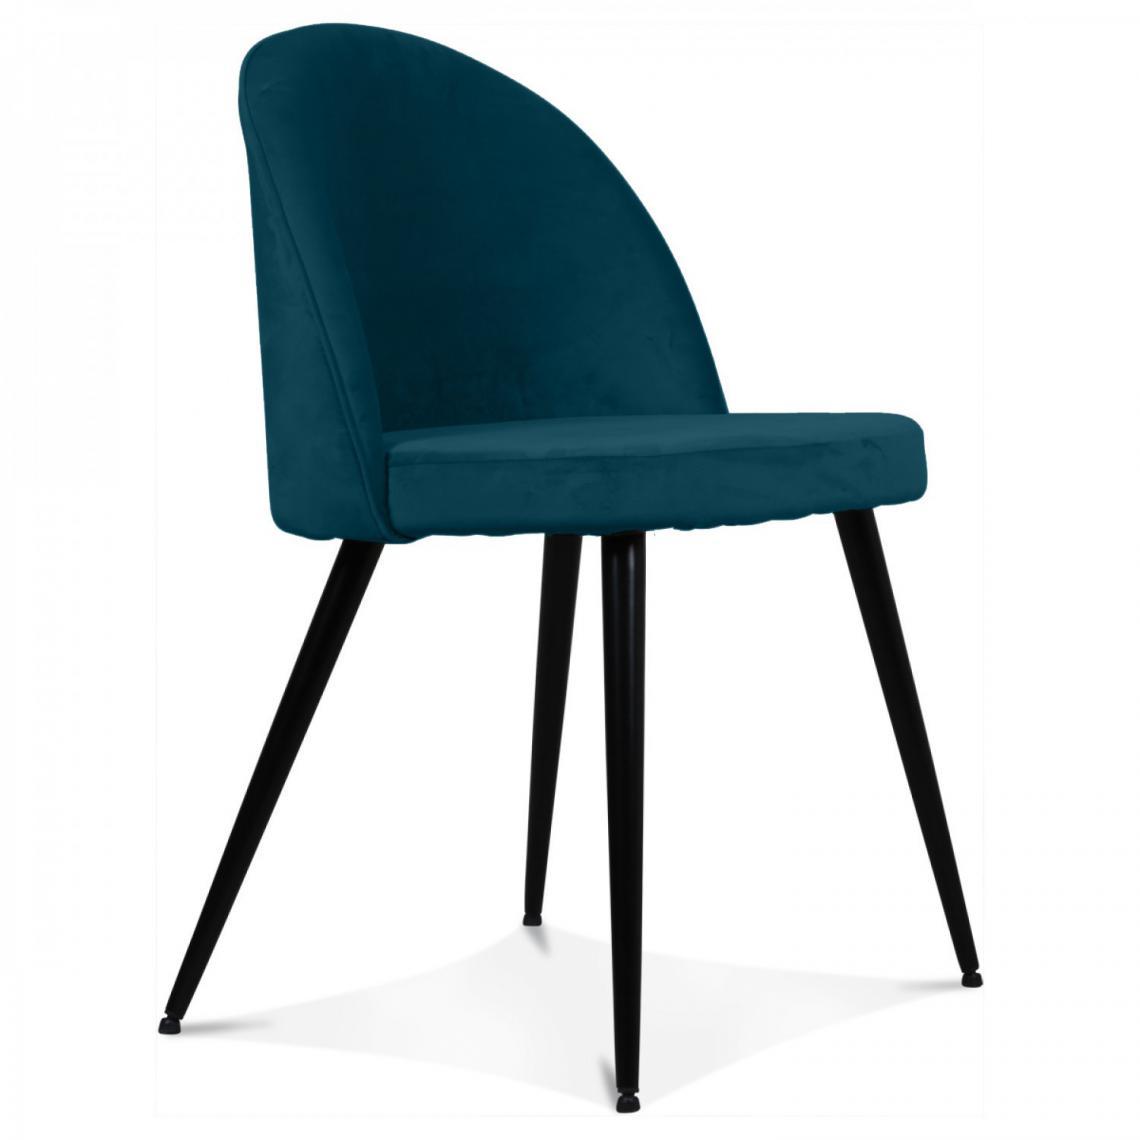 chaise tissu bleu canard braily